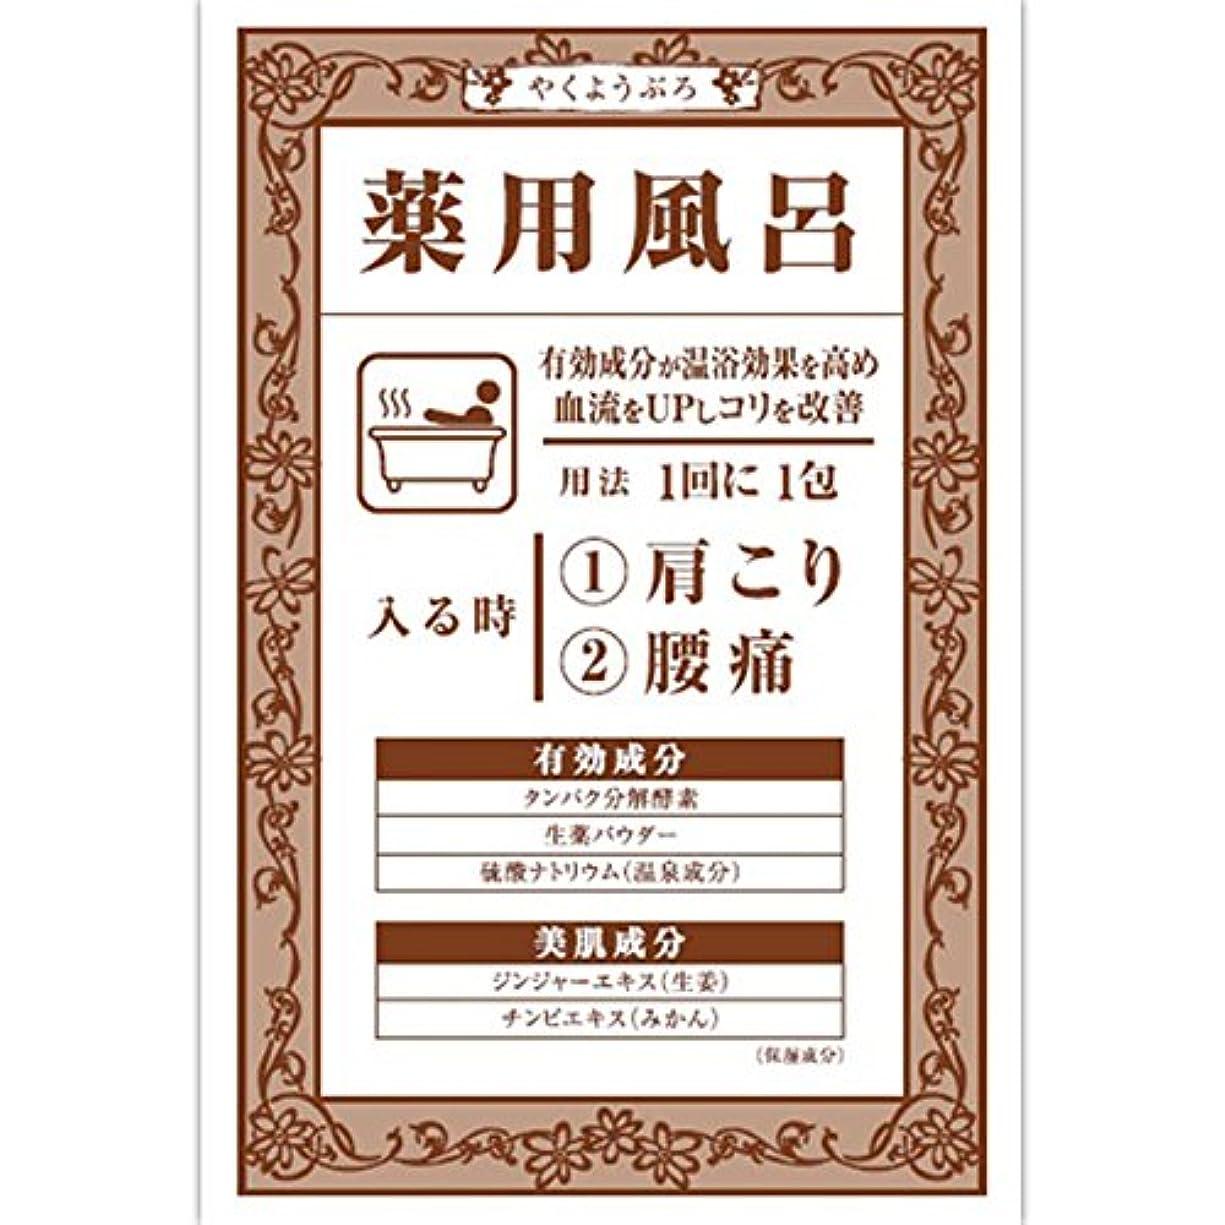 ペインギリック暴力等大山 薬用風呂KKa(肩こり?腰痛) 40G(医薬部外品)